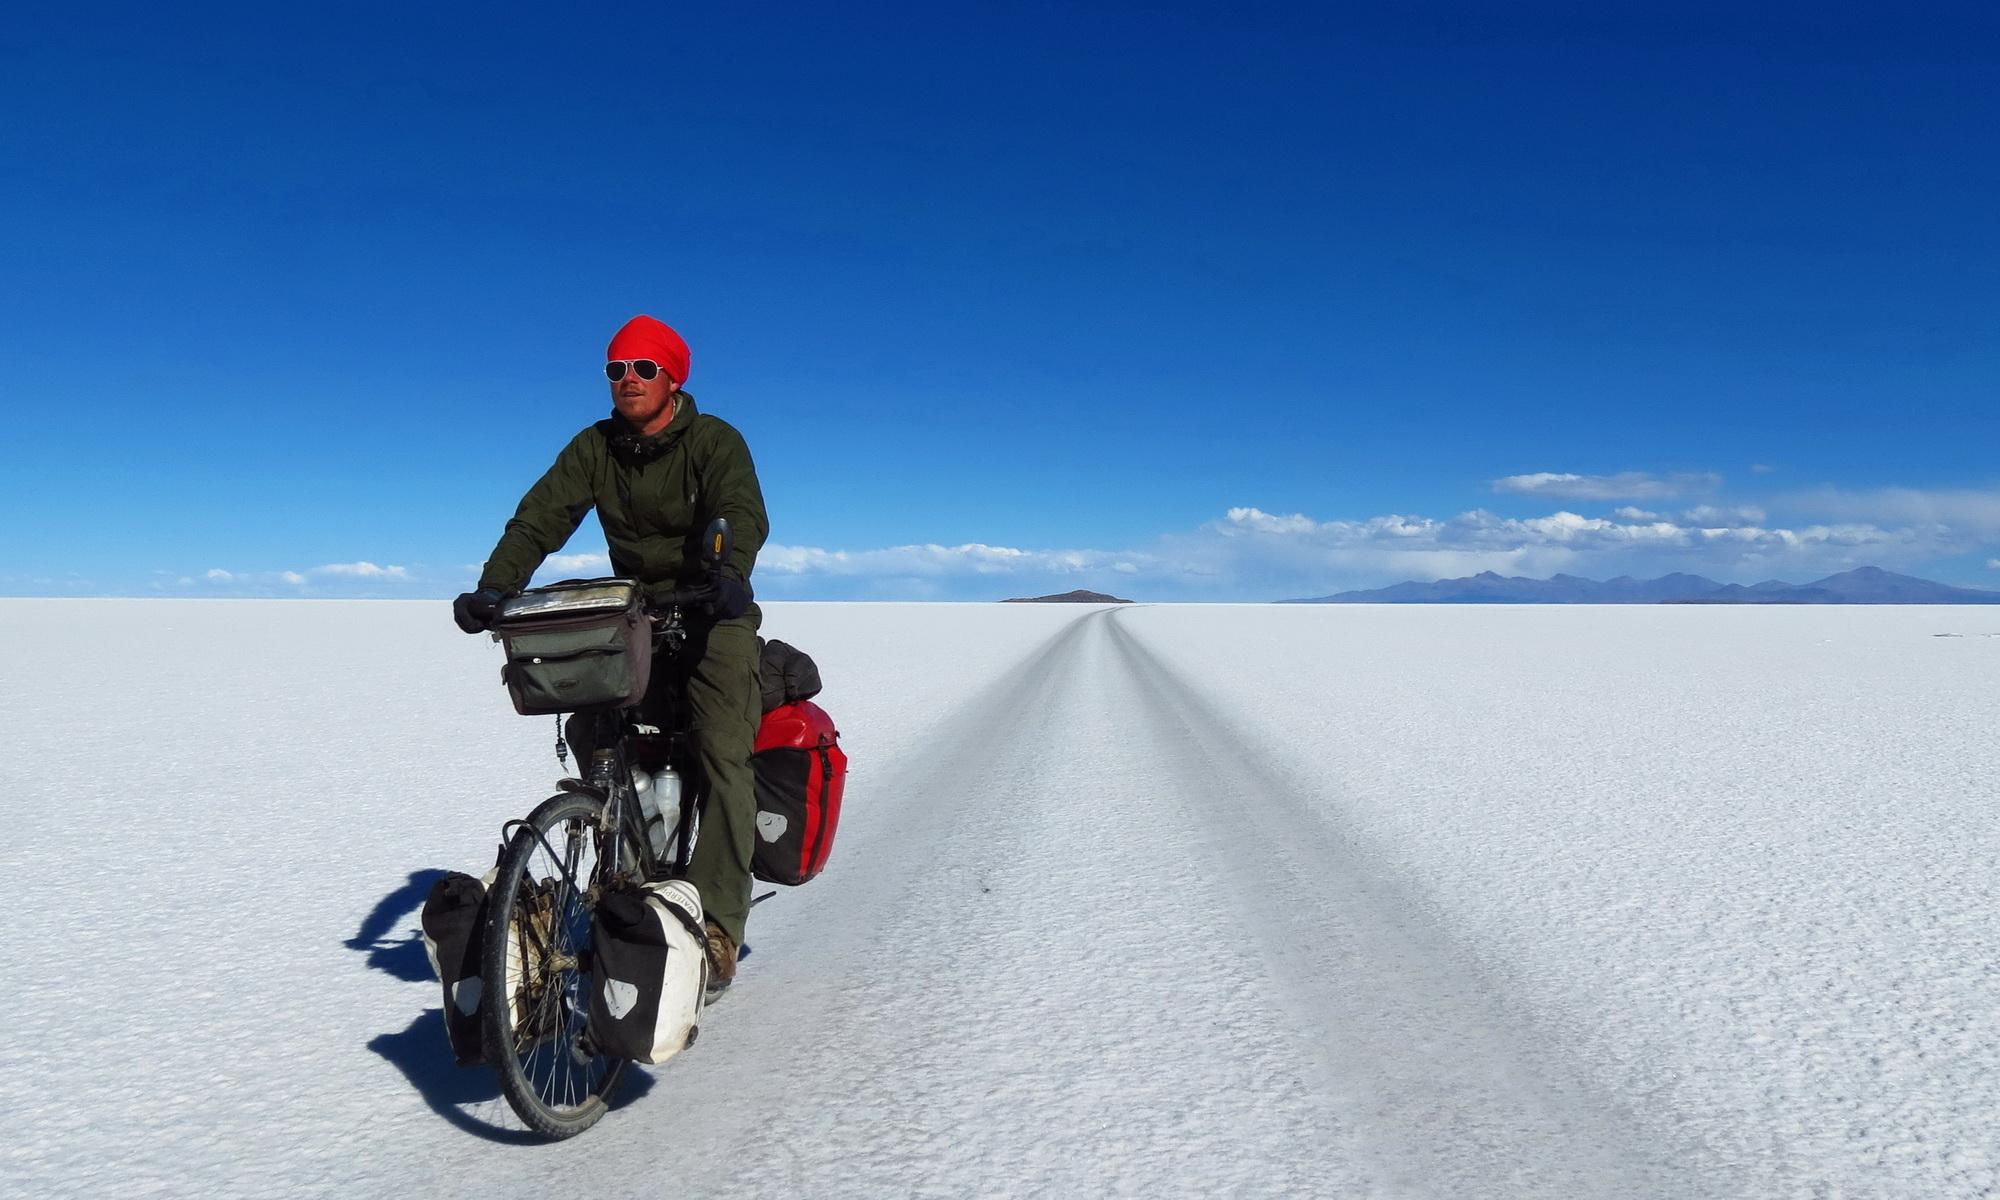 worldonbike.com